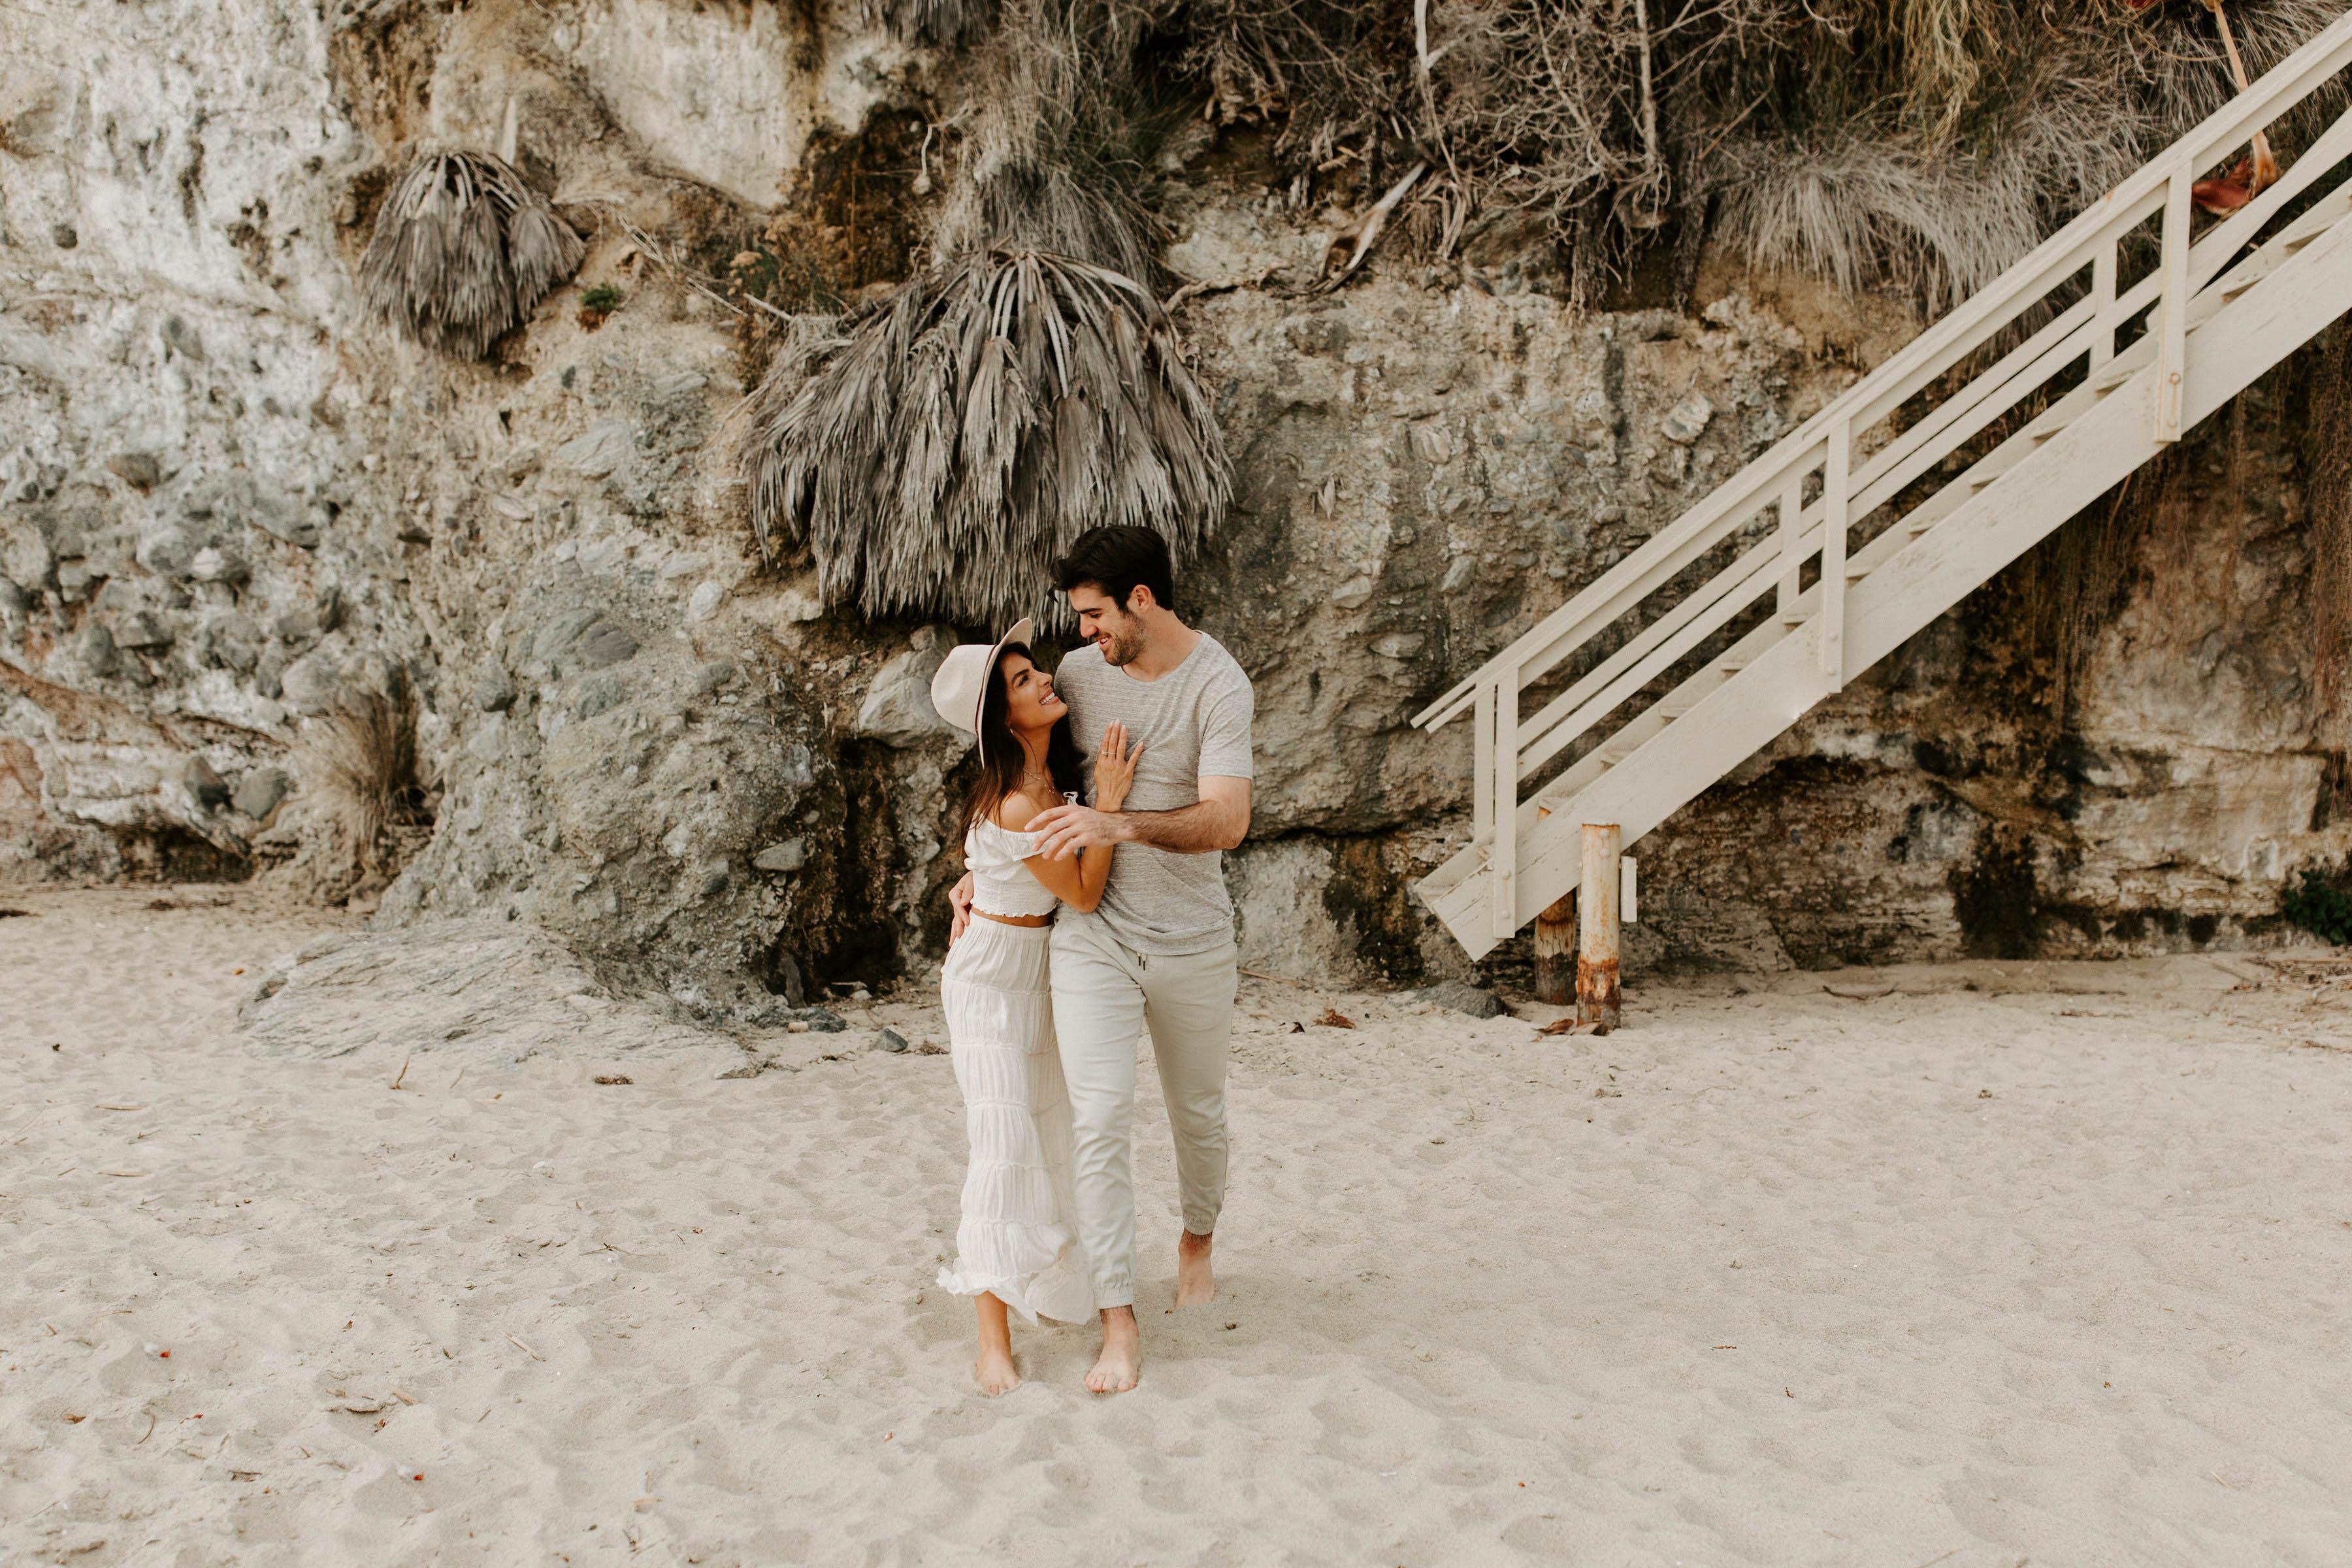 laguna_beach_engagement-2